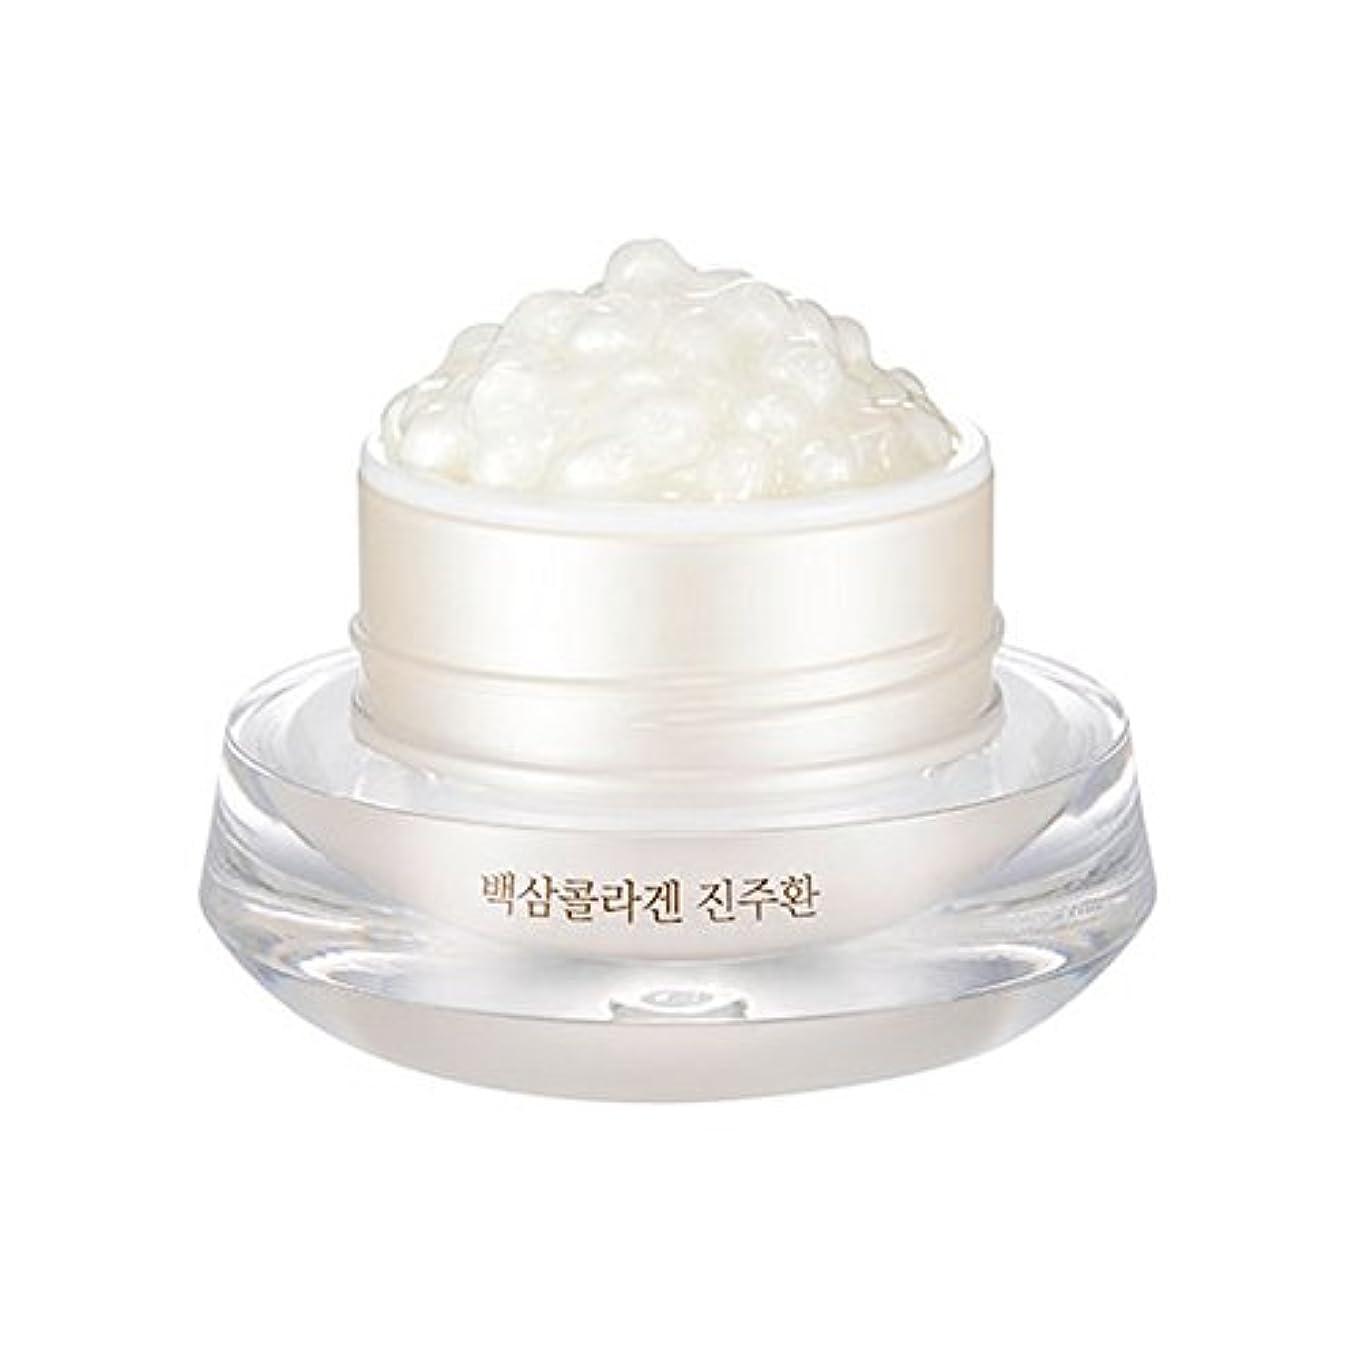 クロール噴火愛情深い[ザ?フェイスショップ] The Face Shop 白参 コラーゲン パール カプセルクリーム White Ginseng Collagen Pearl Capsule Cream [並行輸入品]